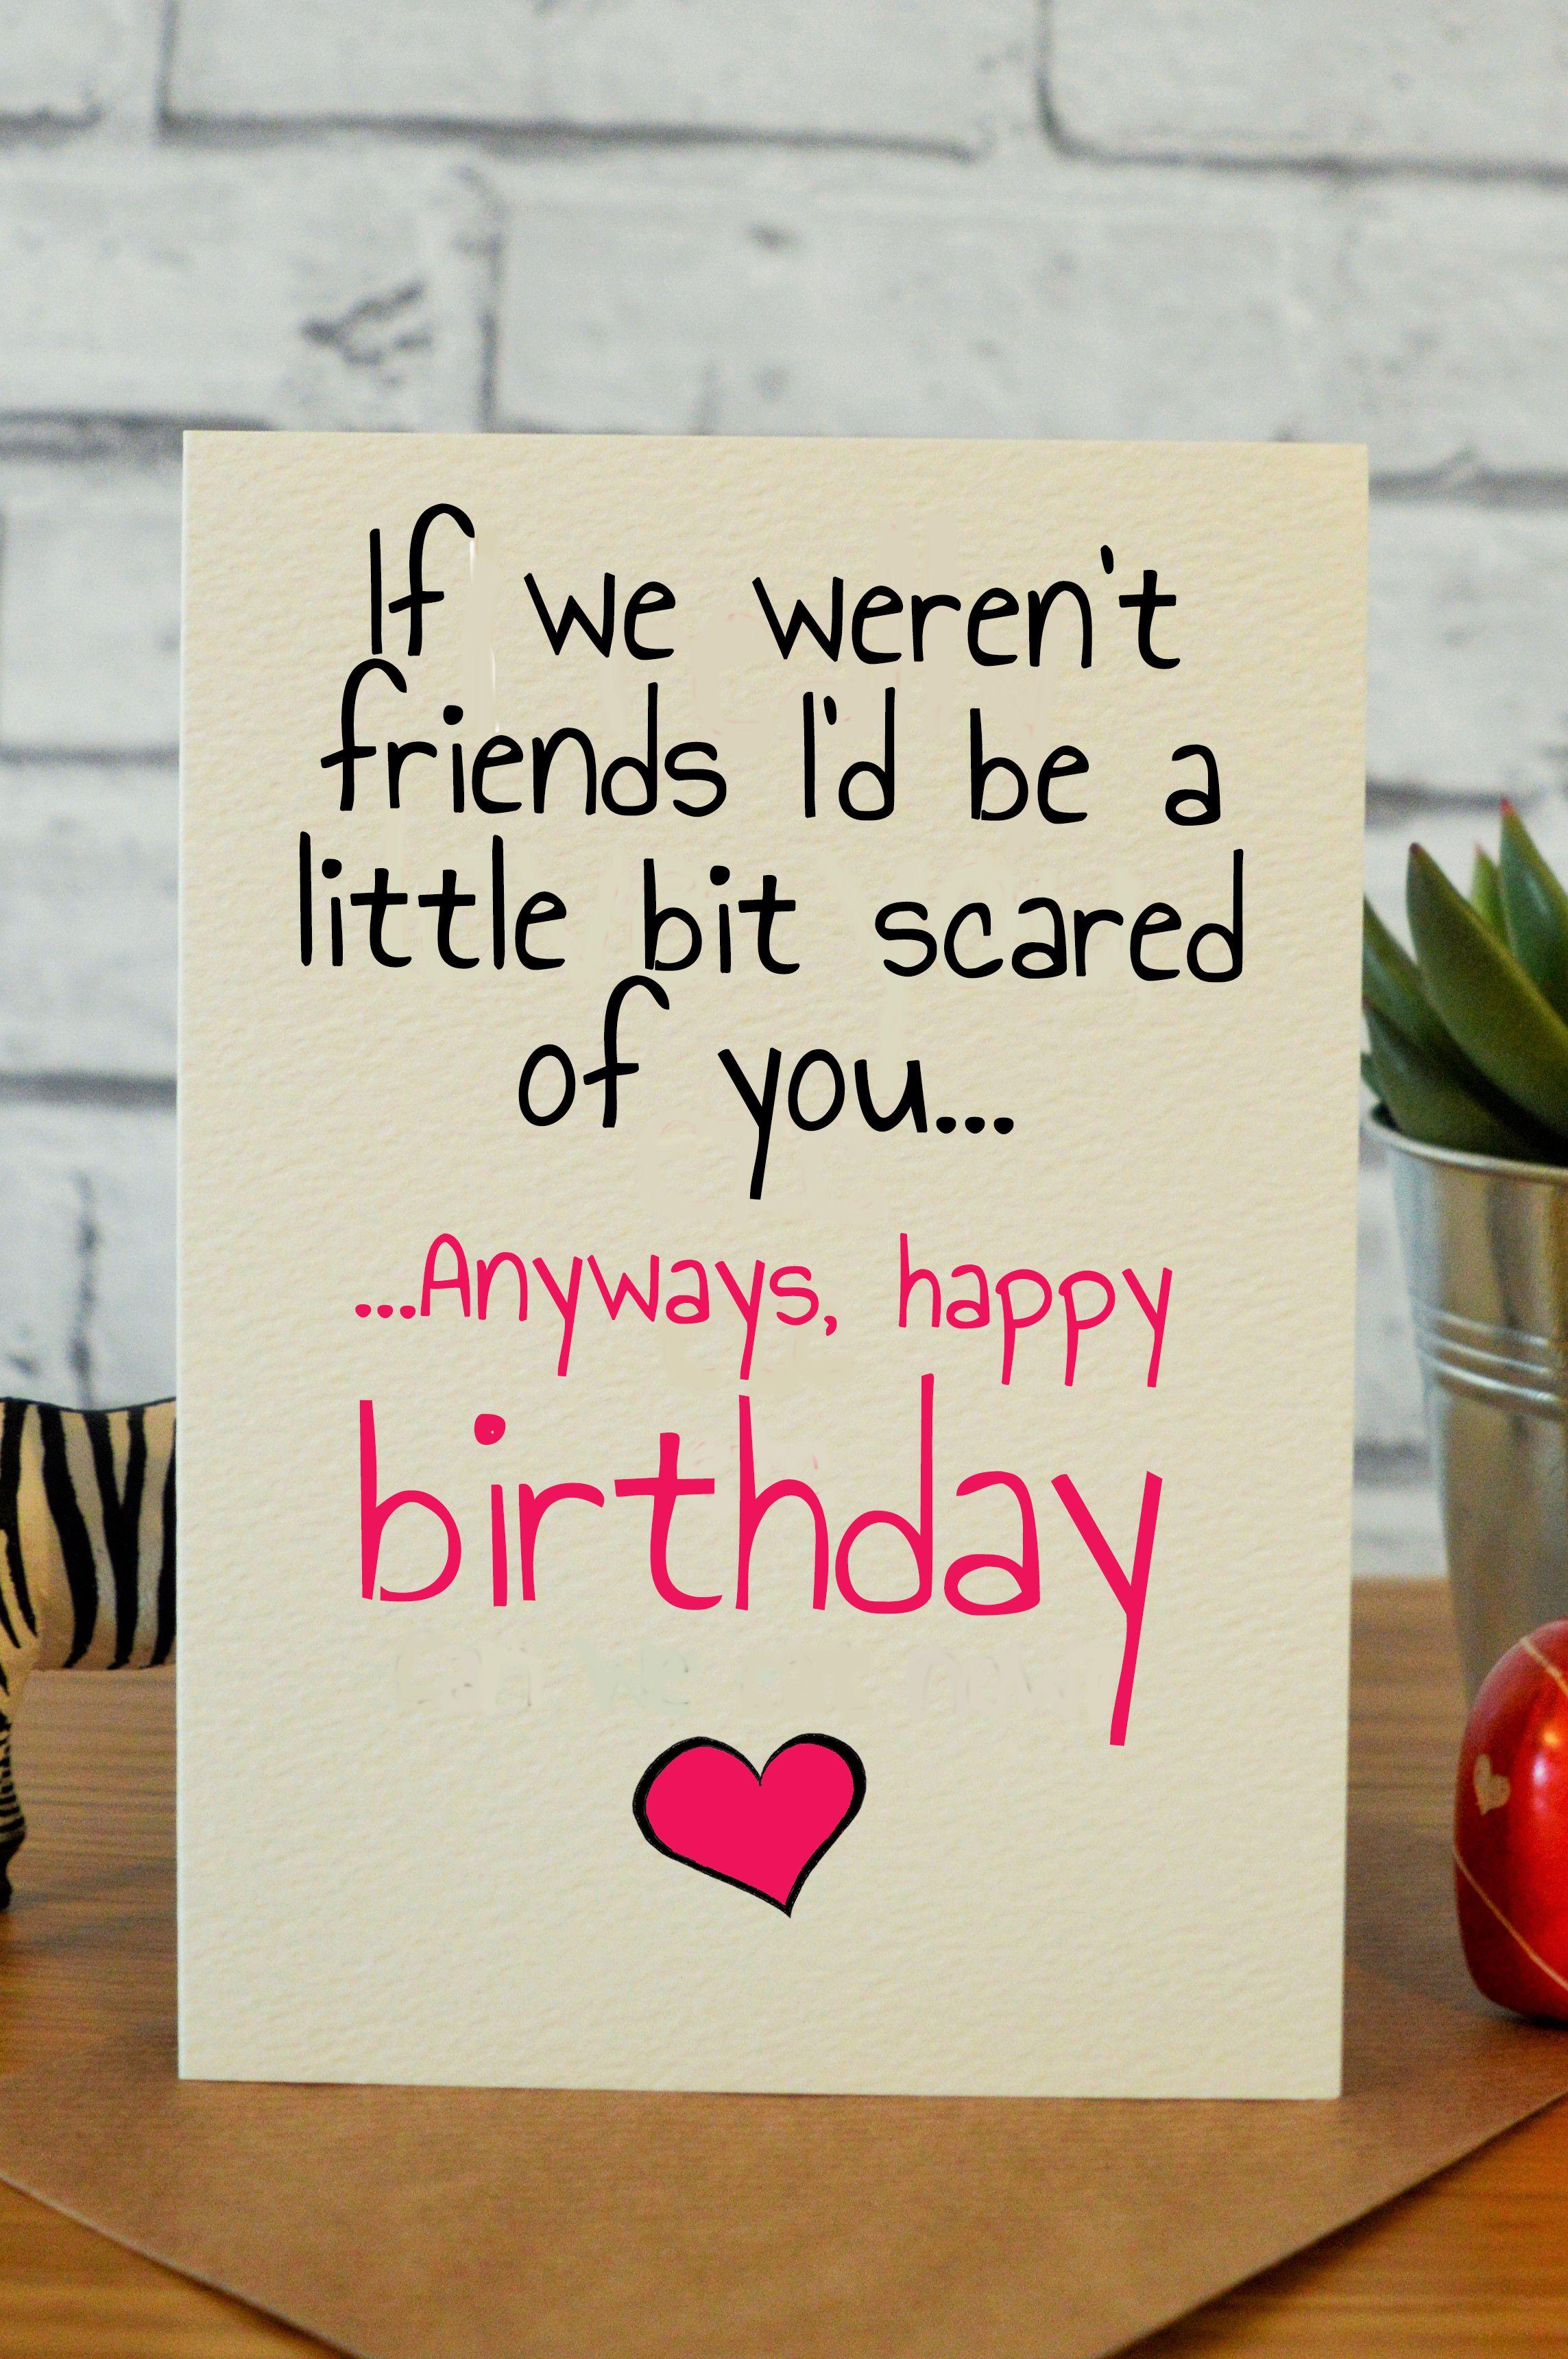 Bit scared best friend birthday cards cool birthday